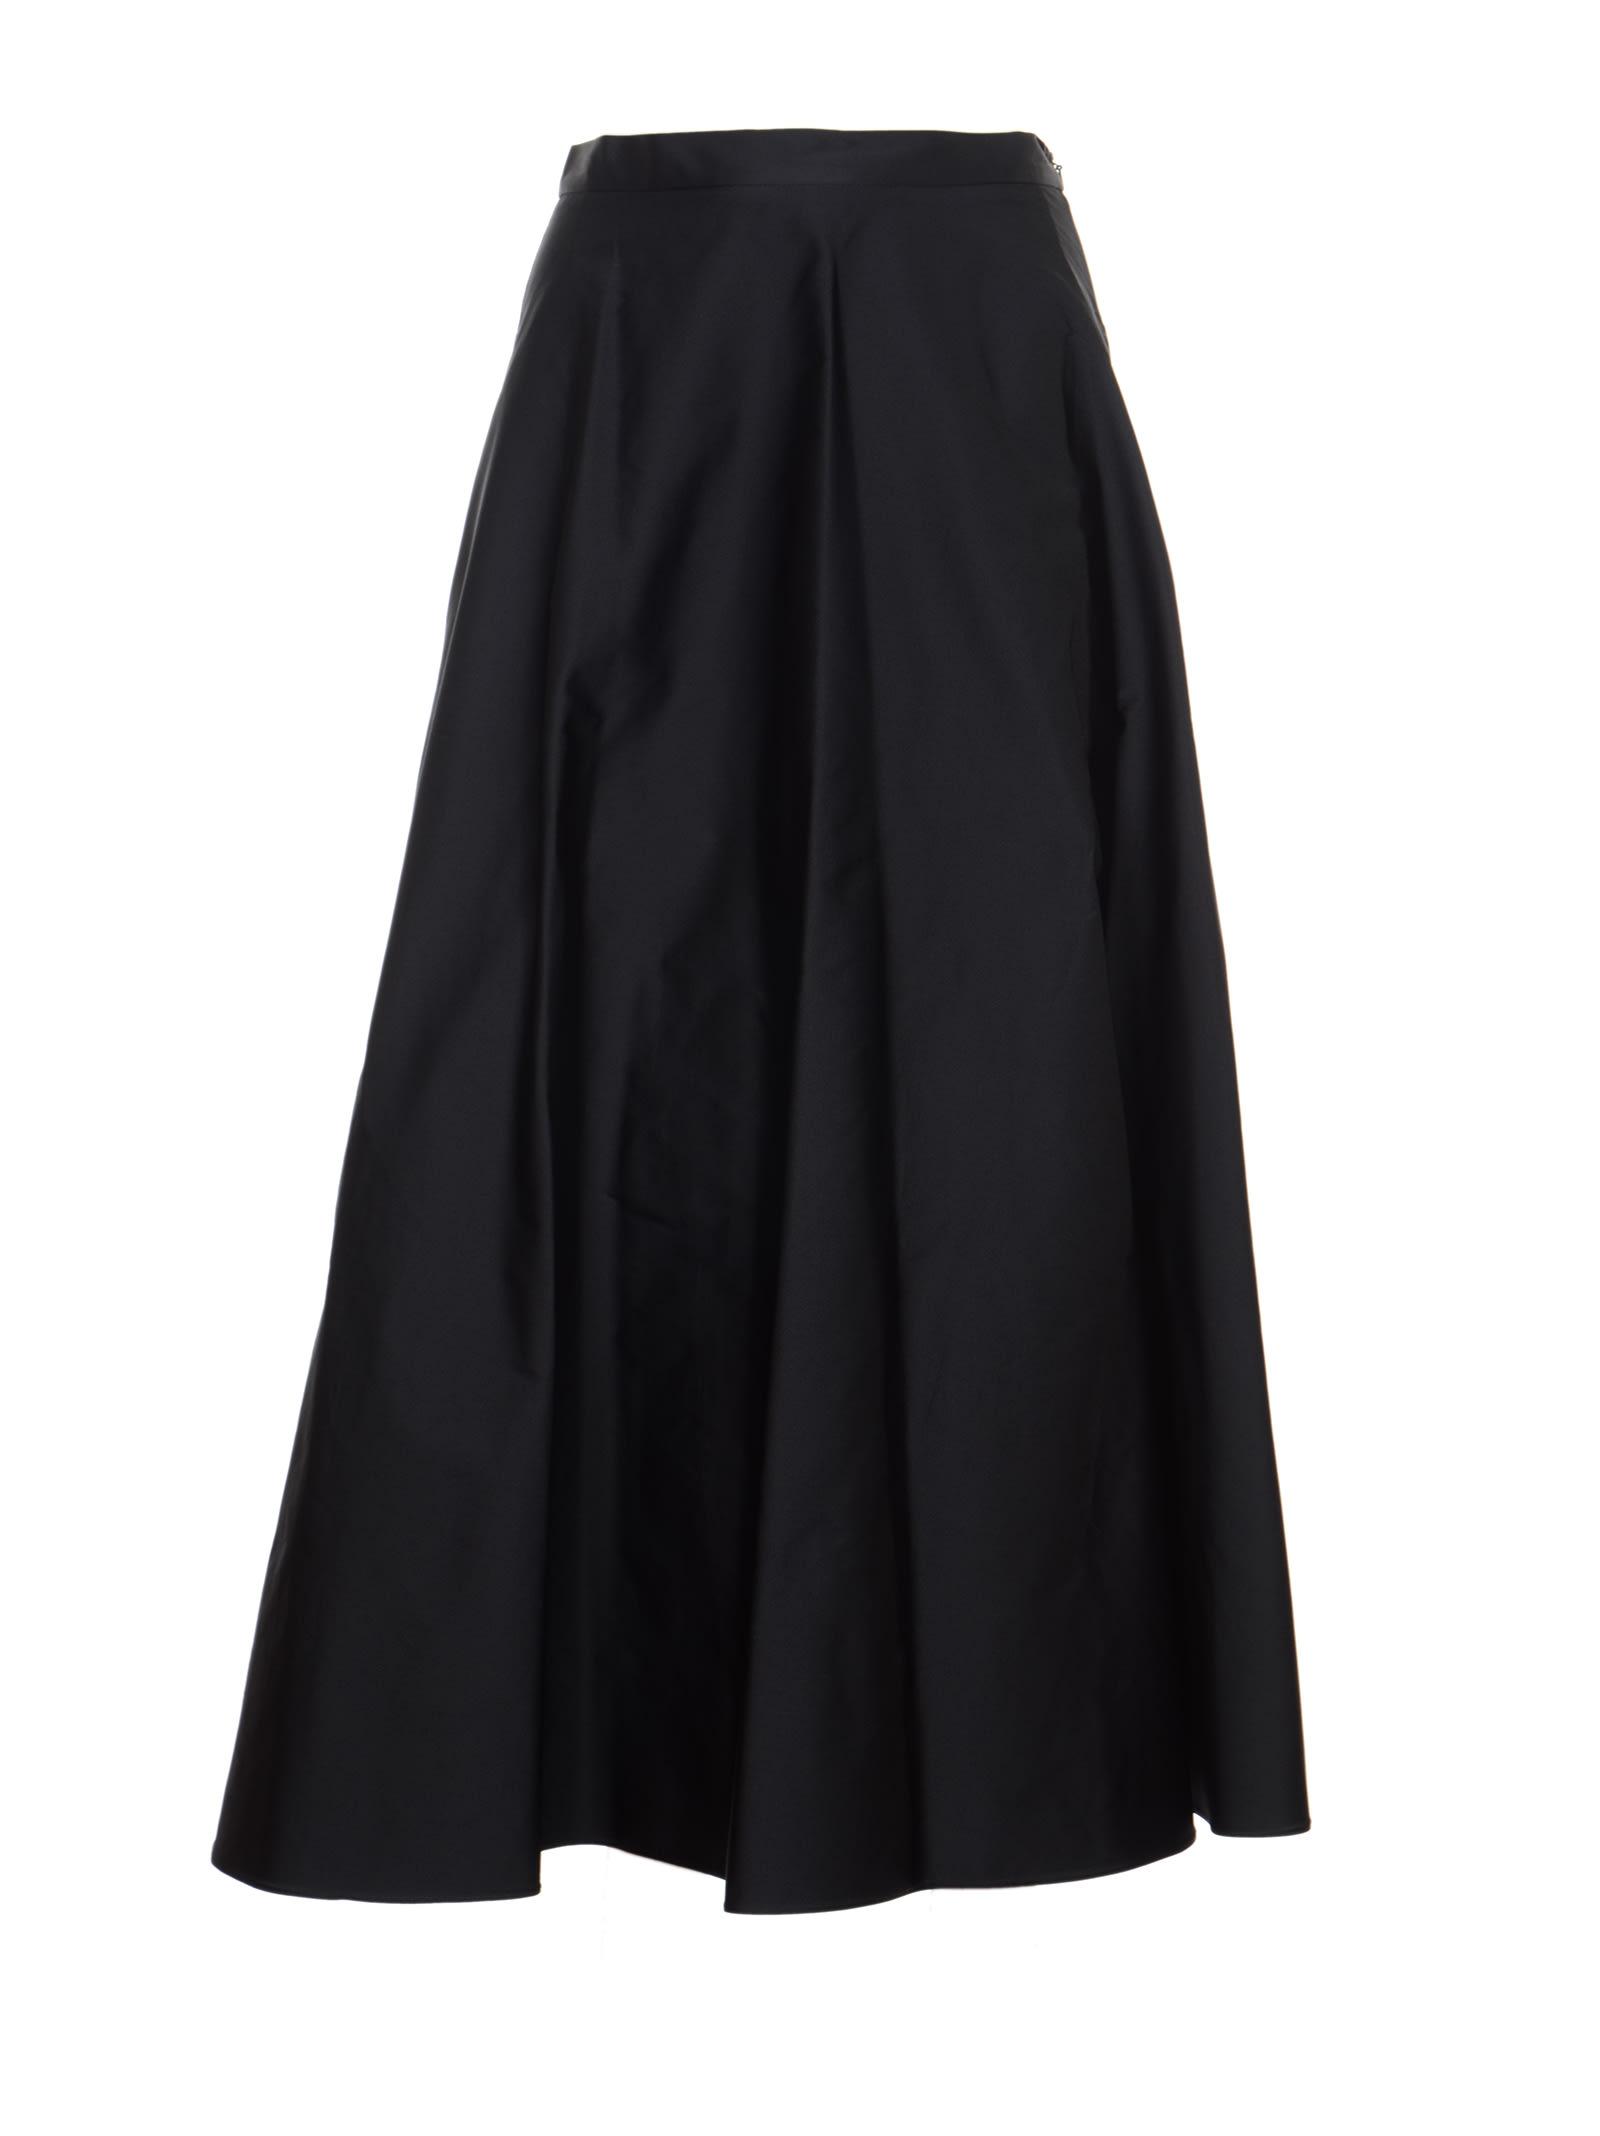 Muriel Skirt